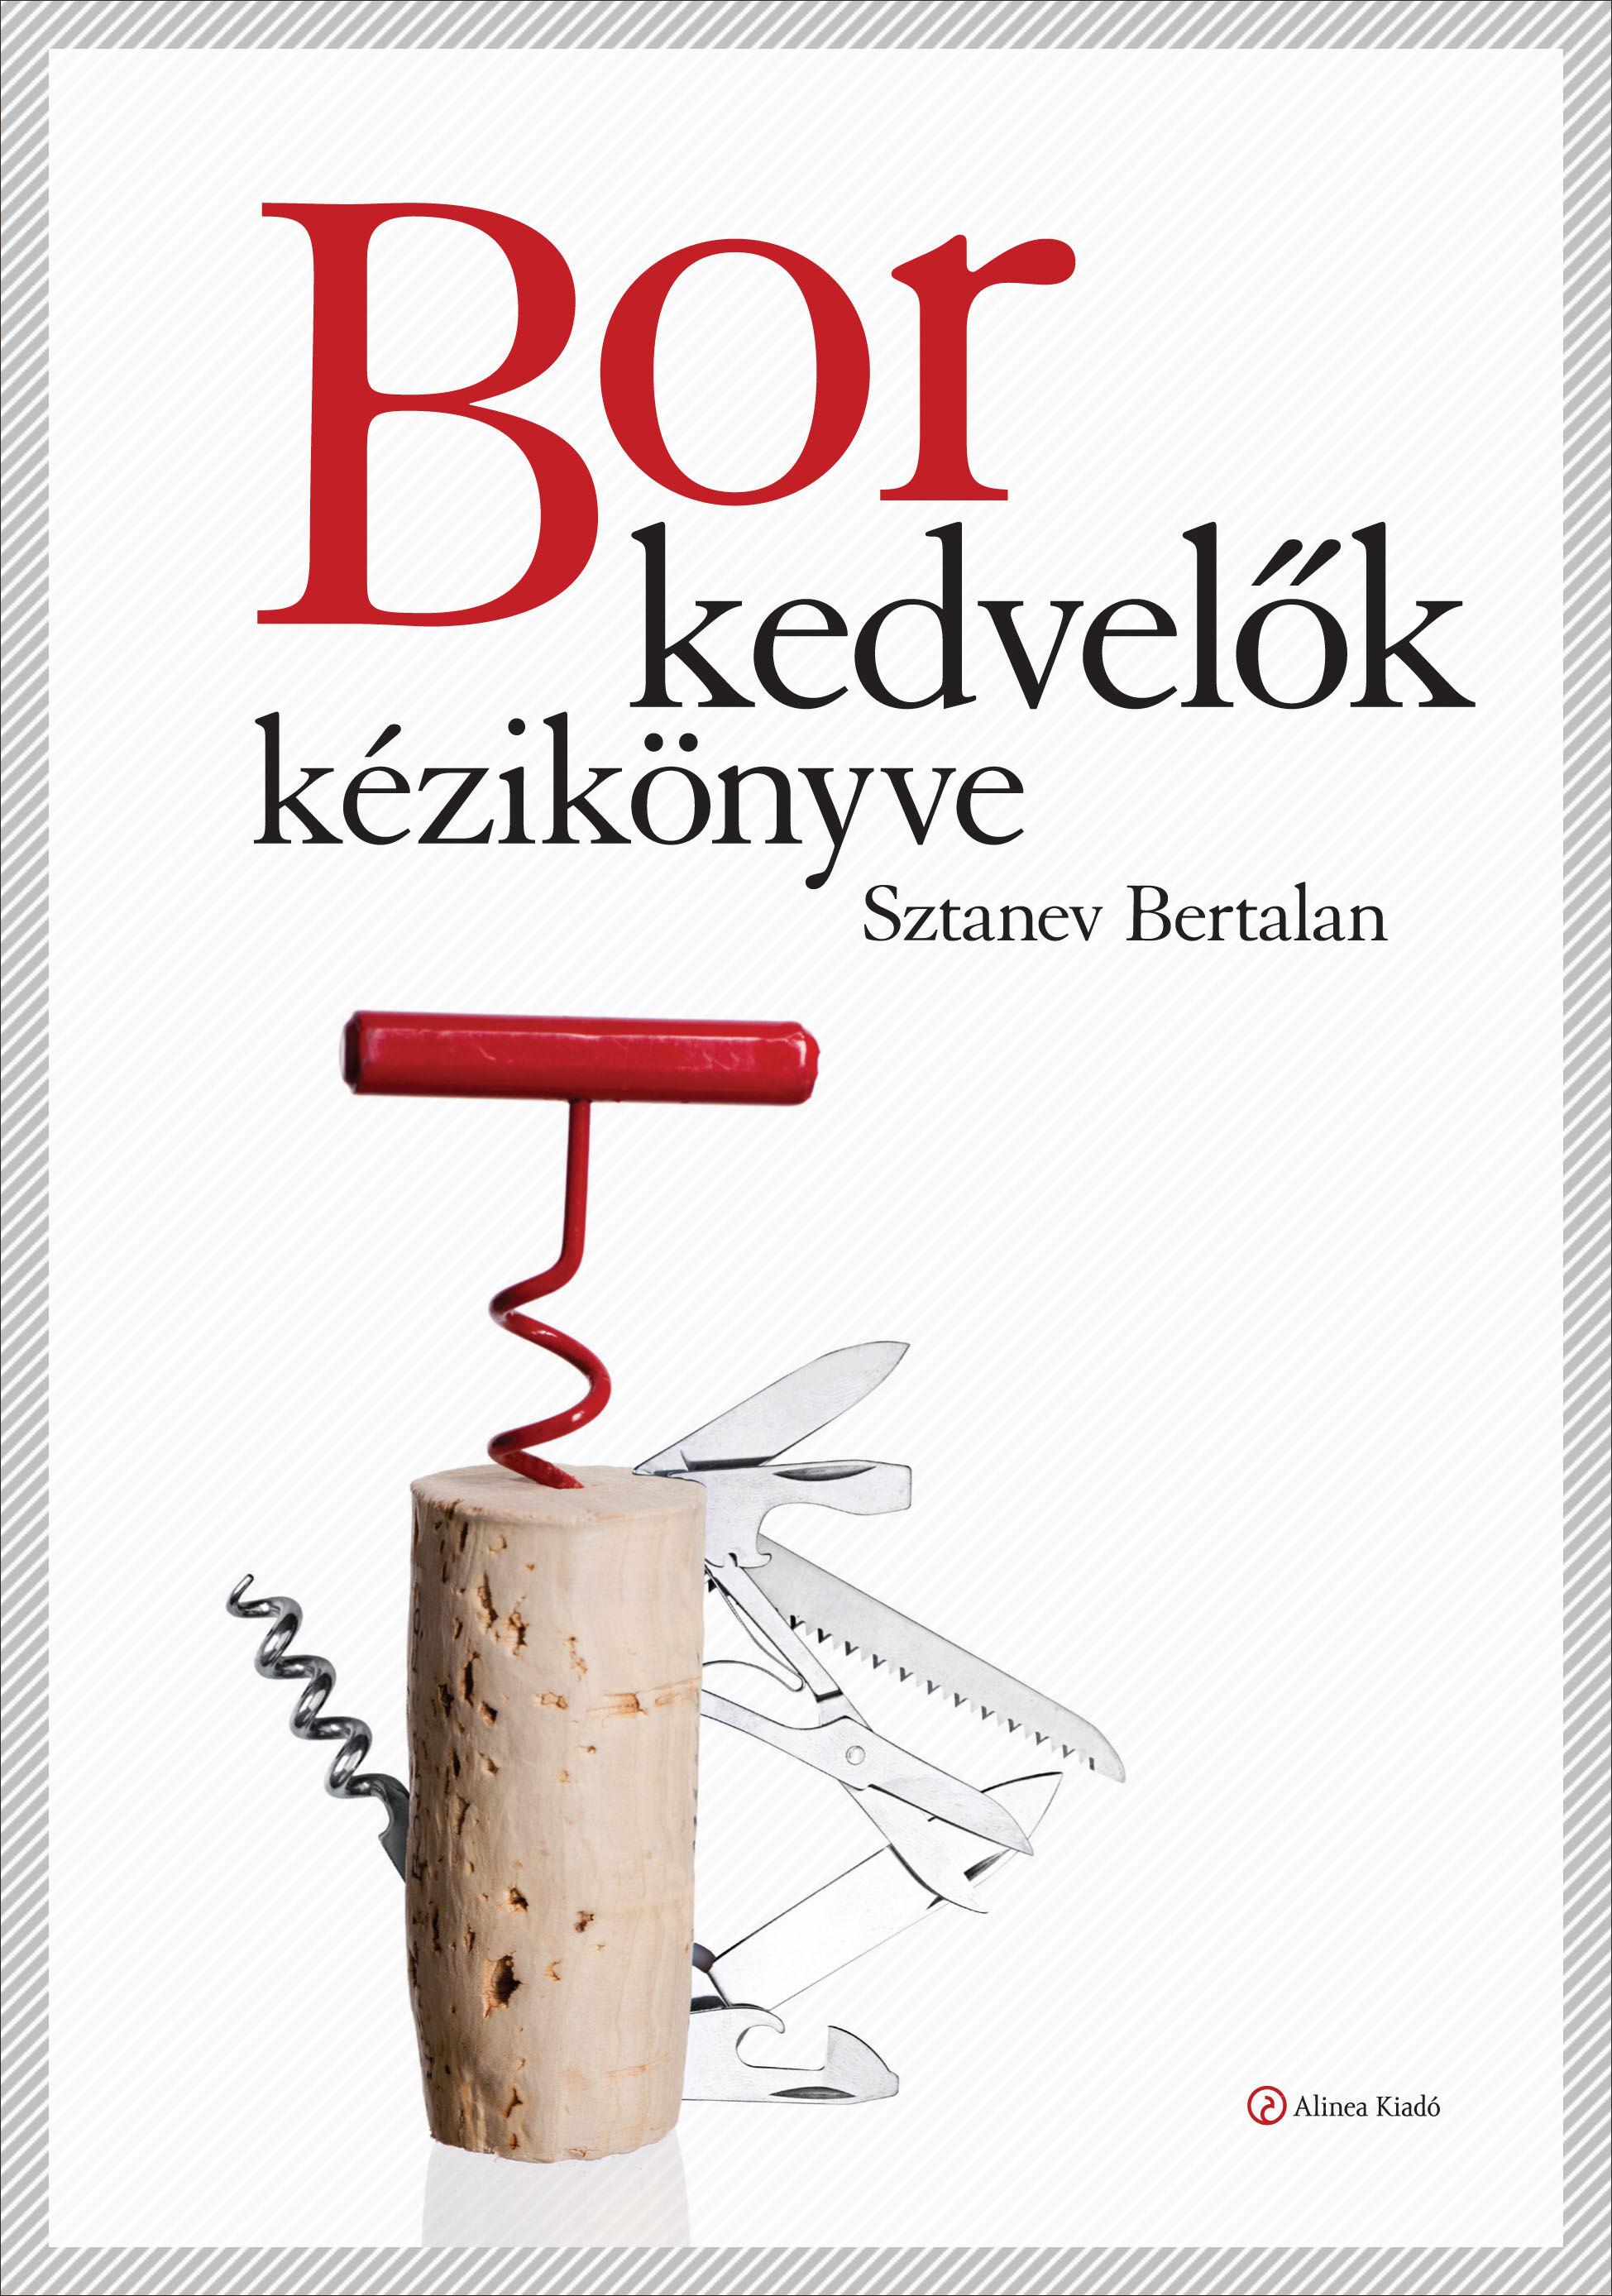 borkedvelők könyv, borkedvelők kézikönyve, magyar borok, borvidékek könyv